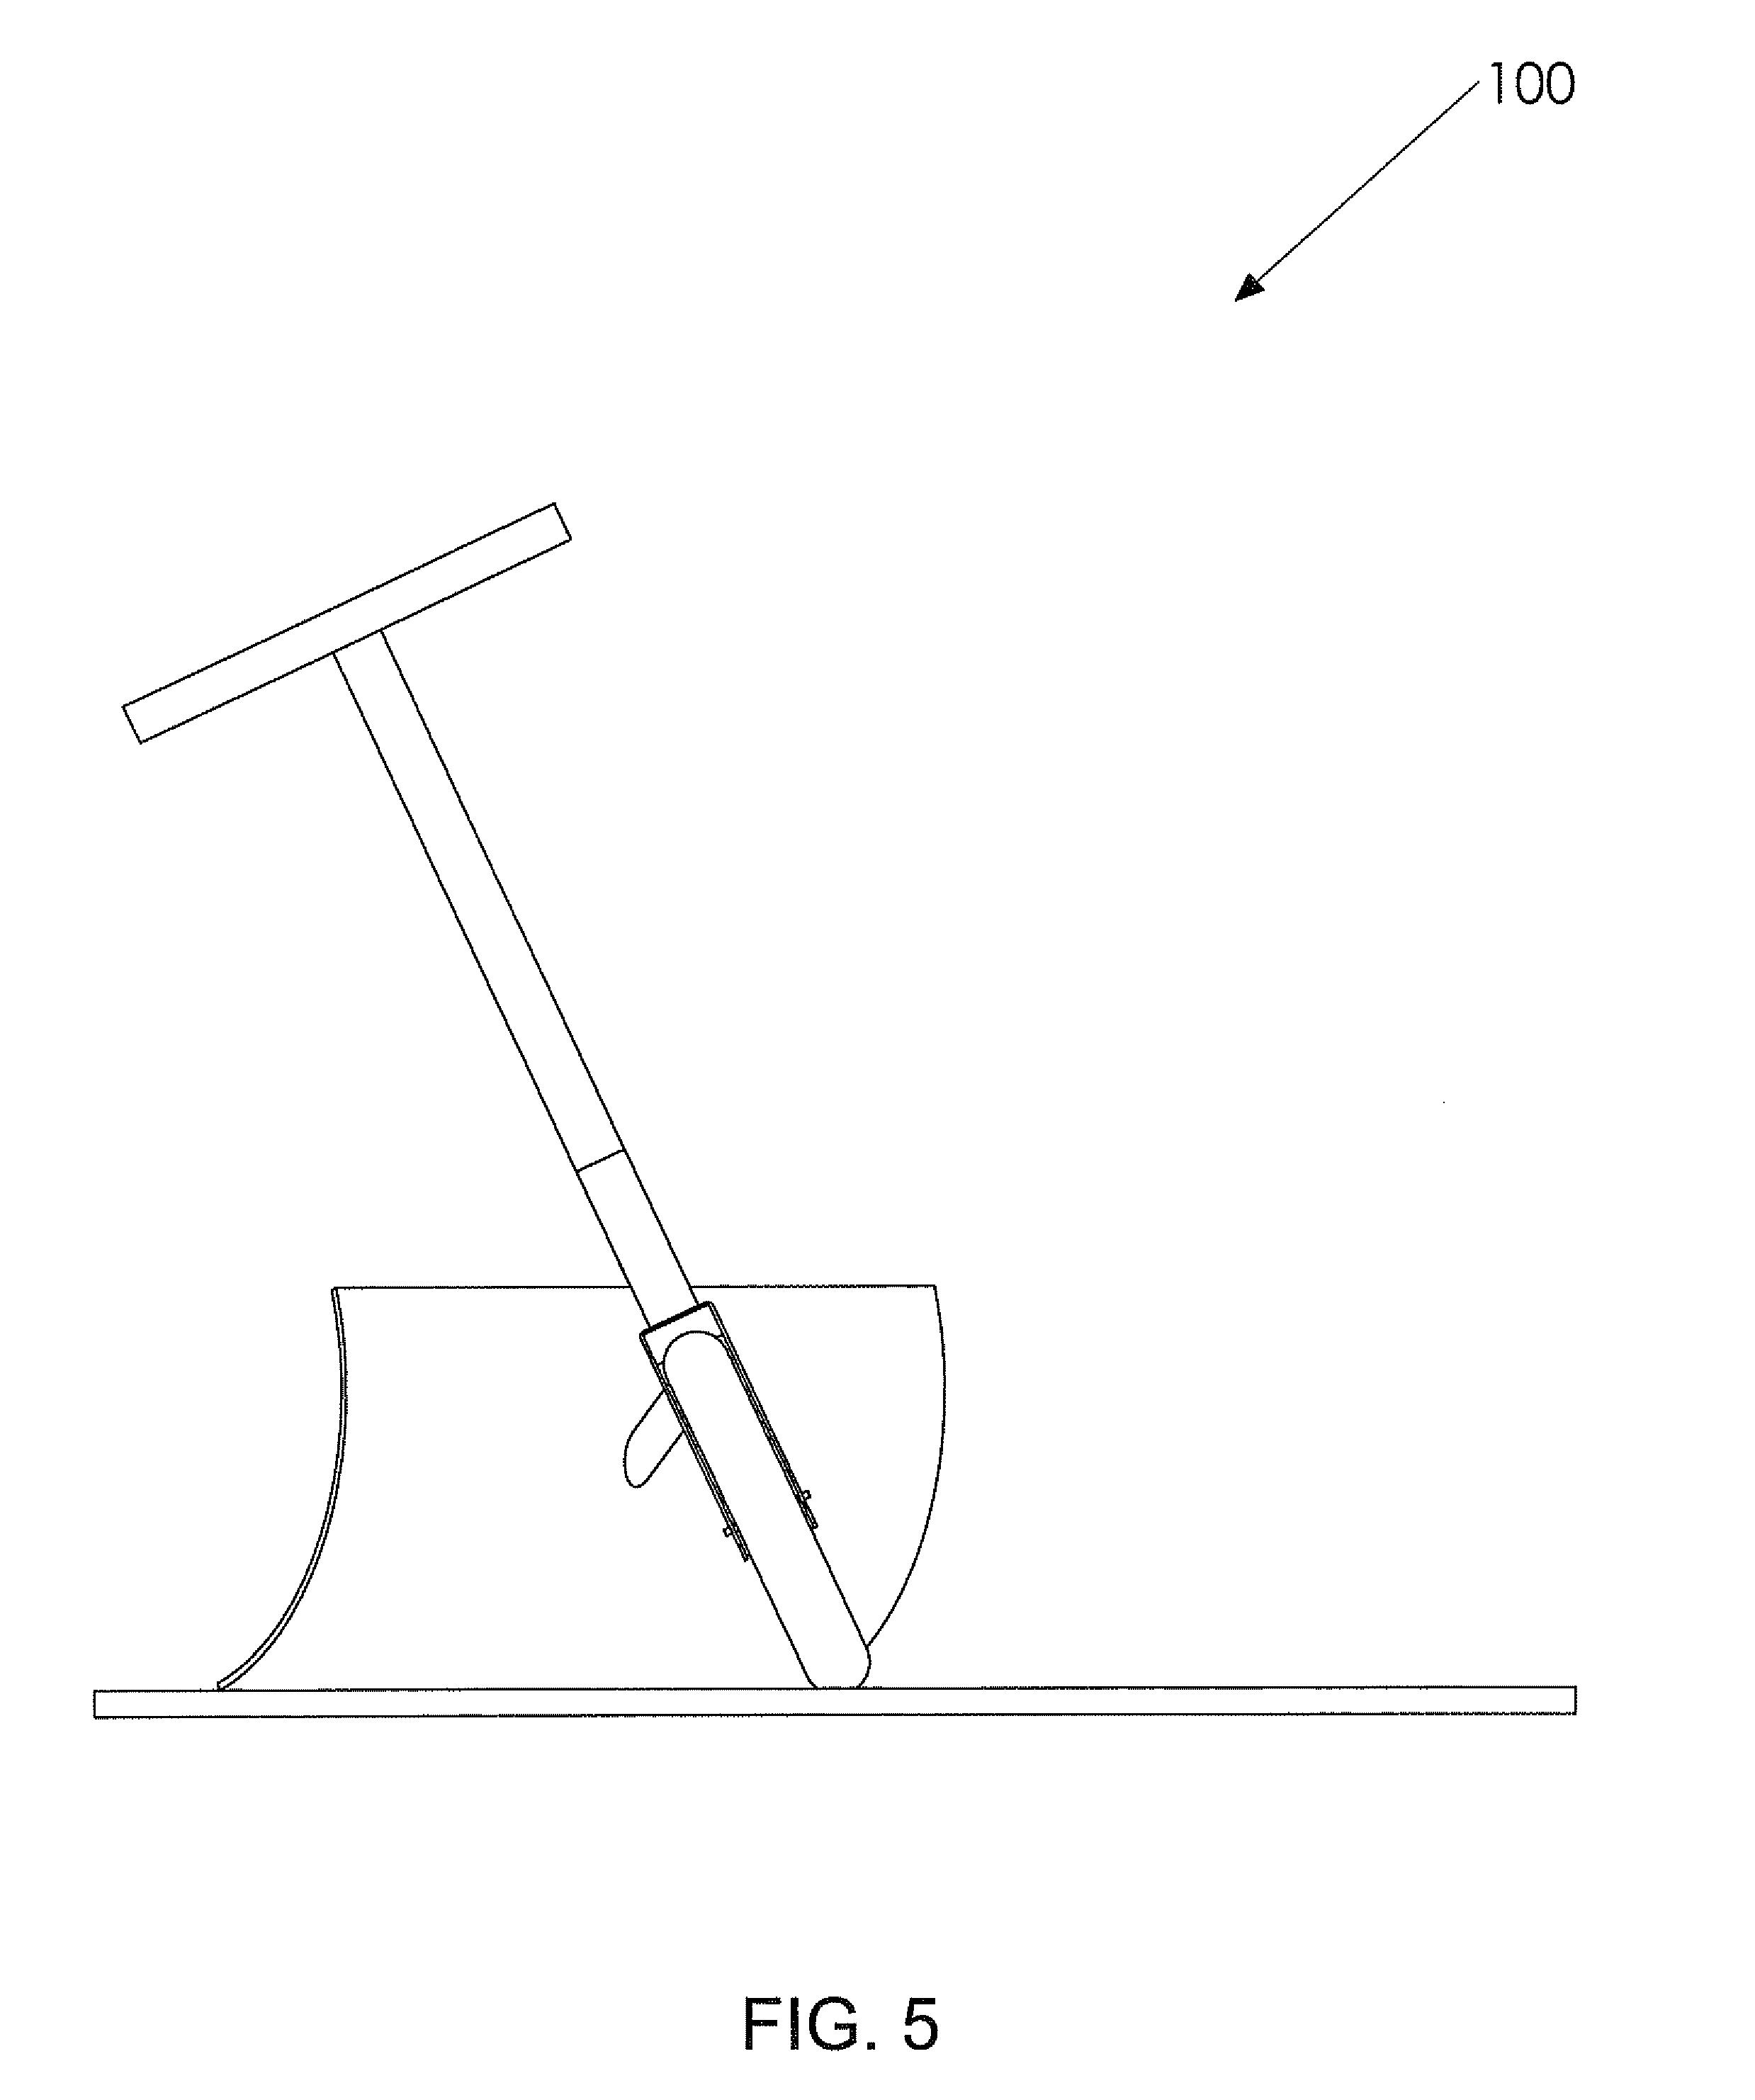 us8001707 manually operated wheeled snow shovels Long Handle Spade Shovel patent drawing